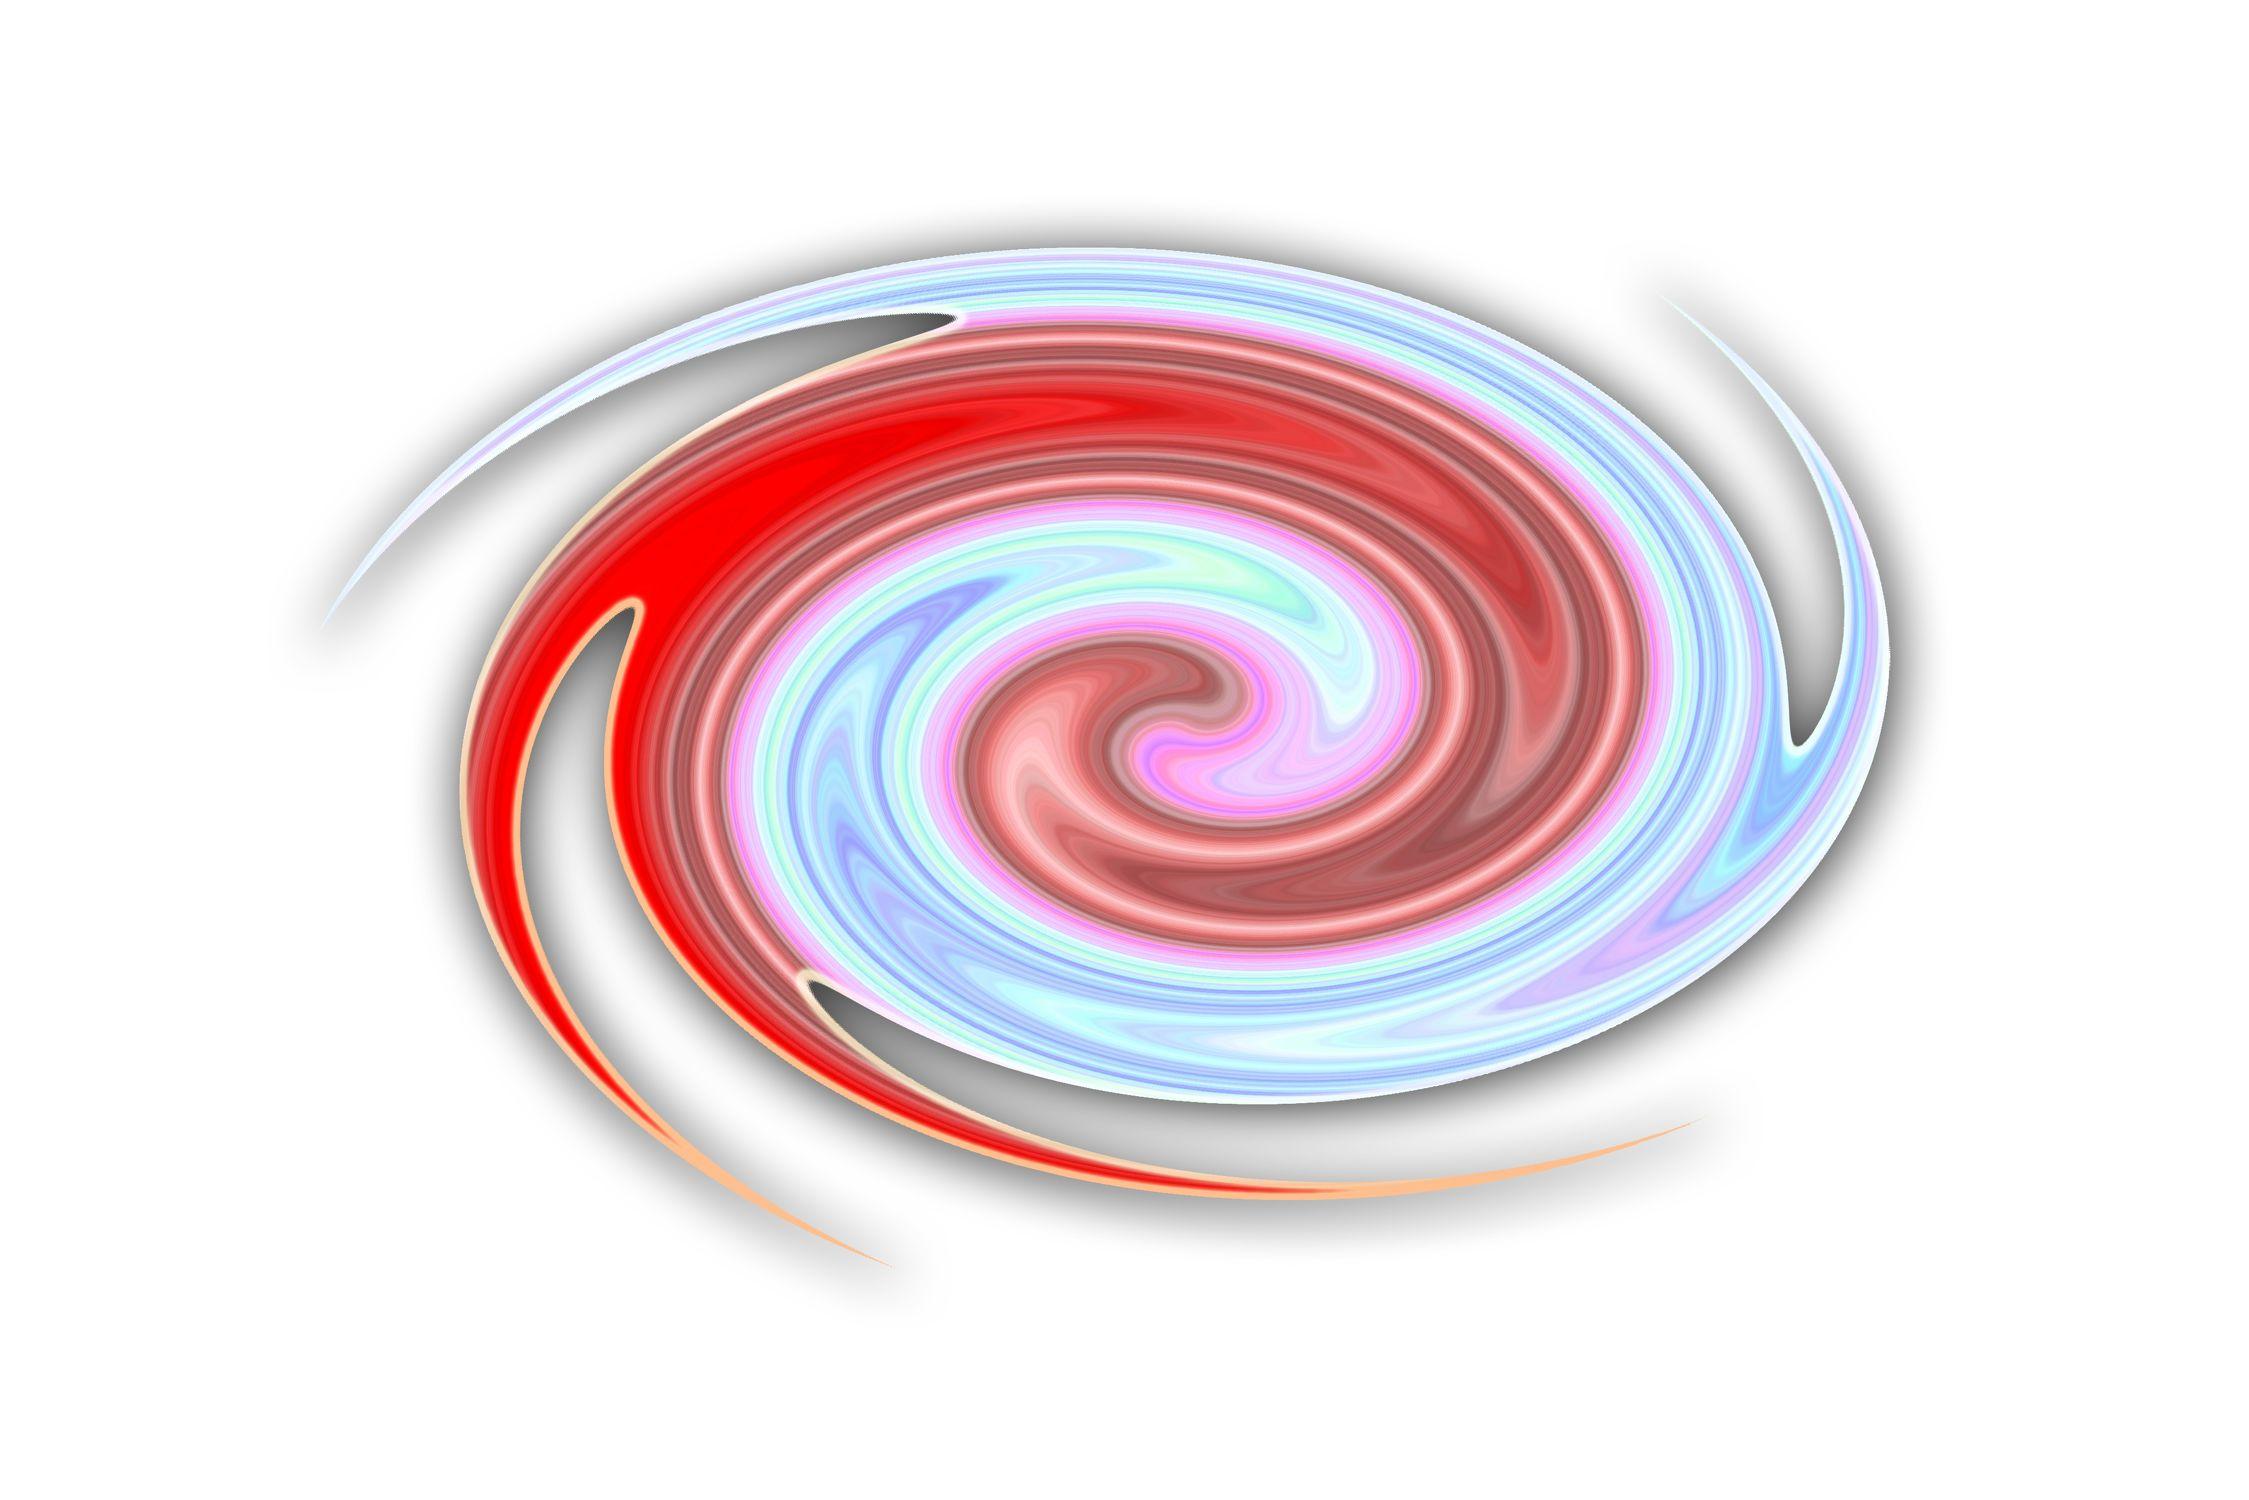 Bild mit Gegenstände, Kunst, Figuren und Formen, Spiralen, Illustration, Abstrakt, Abstrakte Kunst, Abstrakte Malerei, Kunstwerk, Spirale